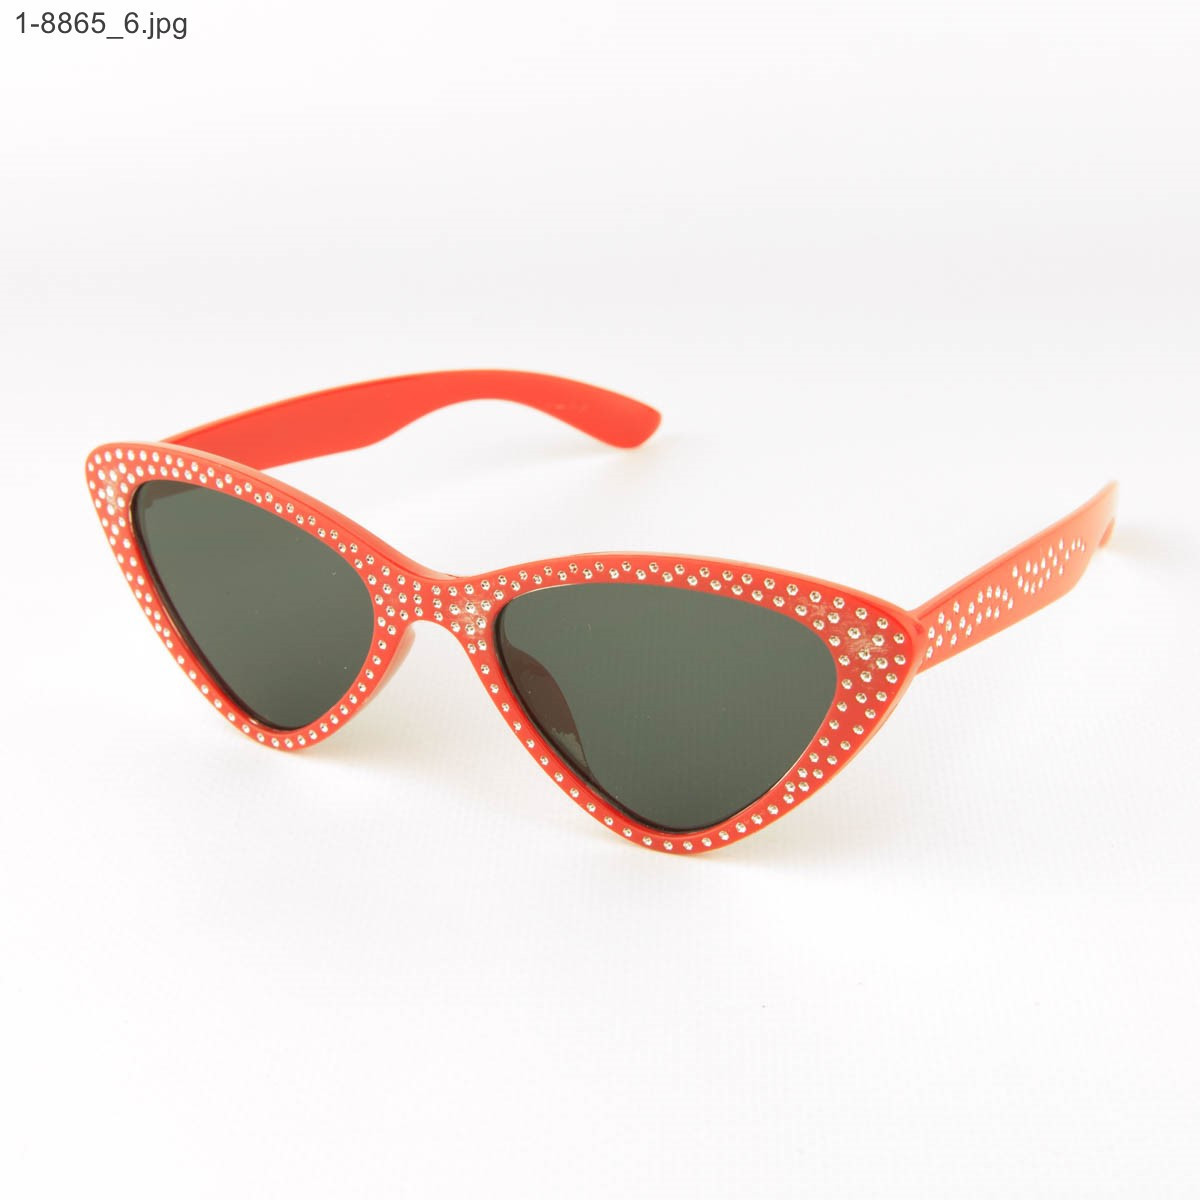 Оптом модные очки кошачий глаз - Красные со стразами (имитация) - 1-8865